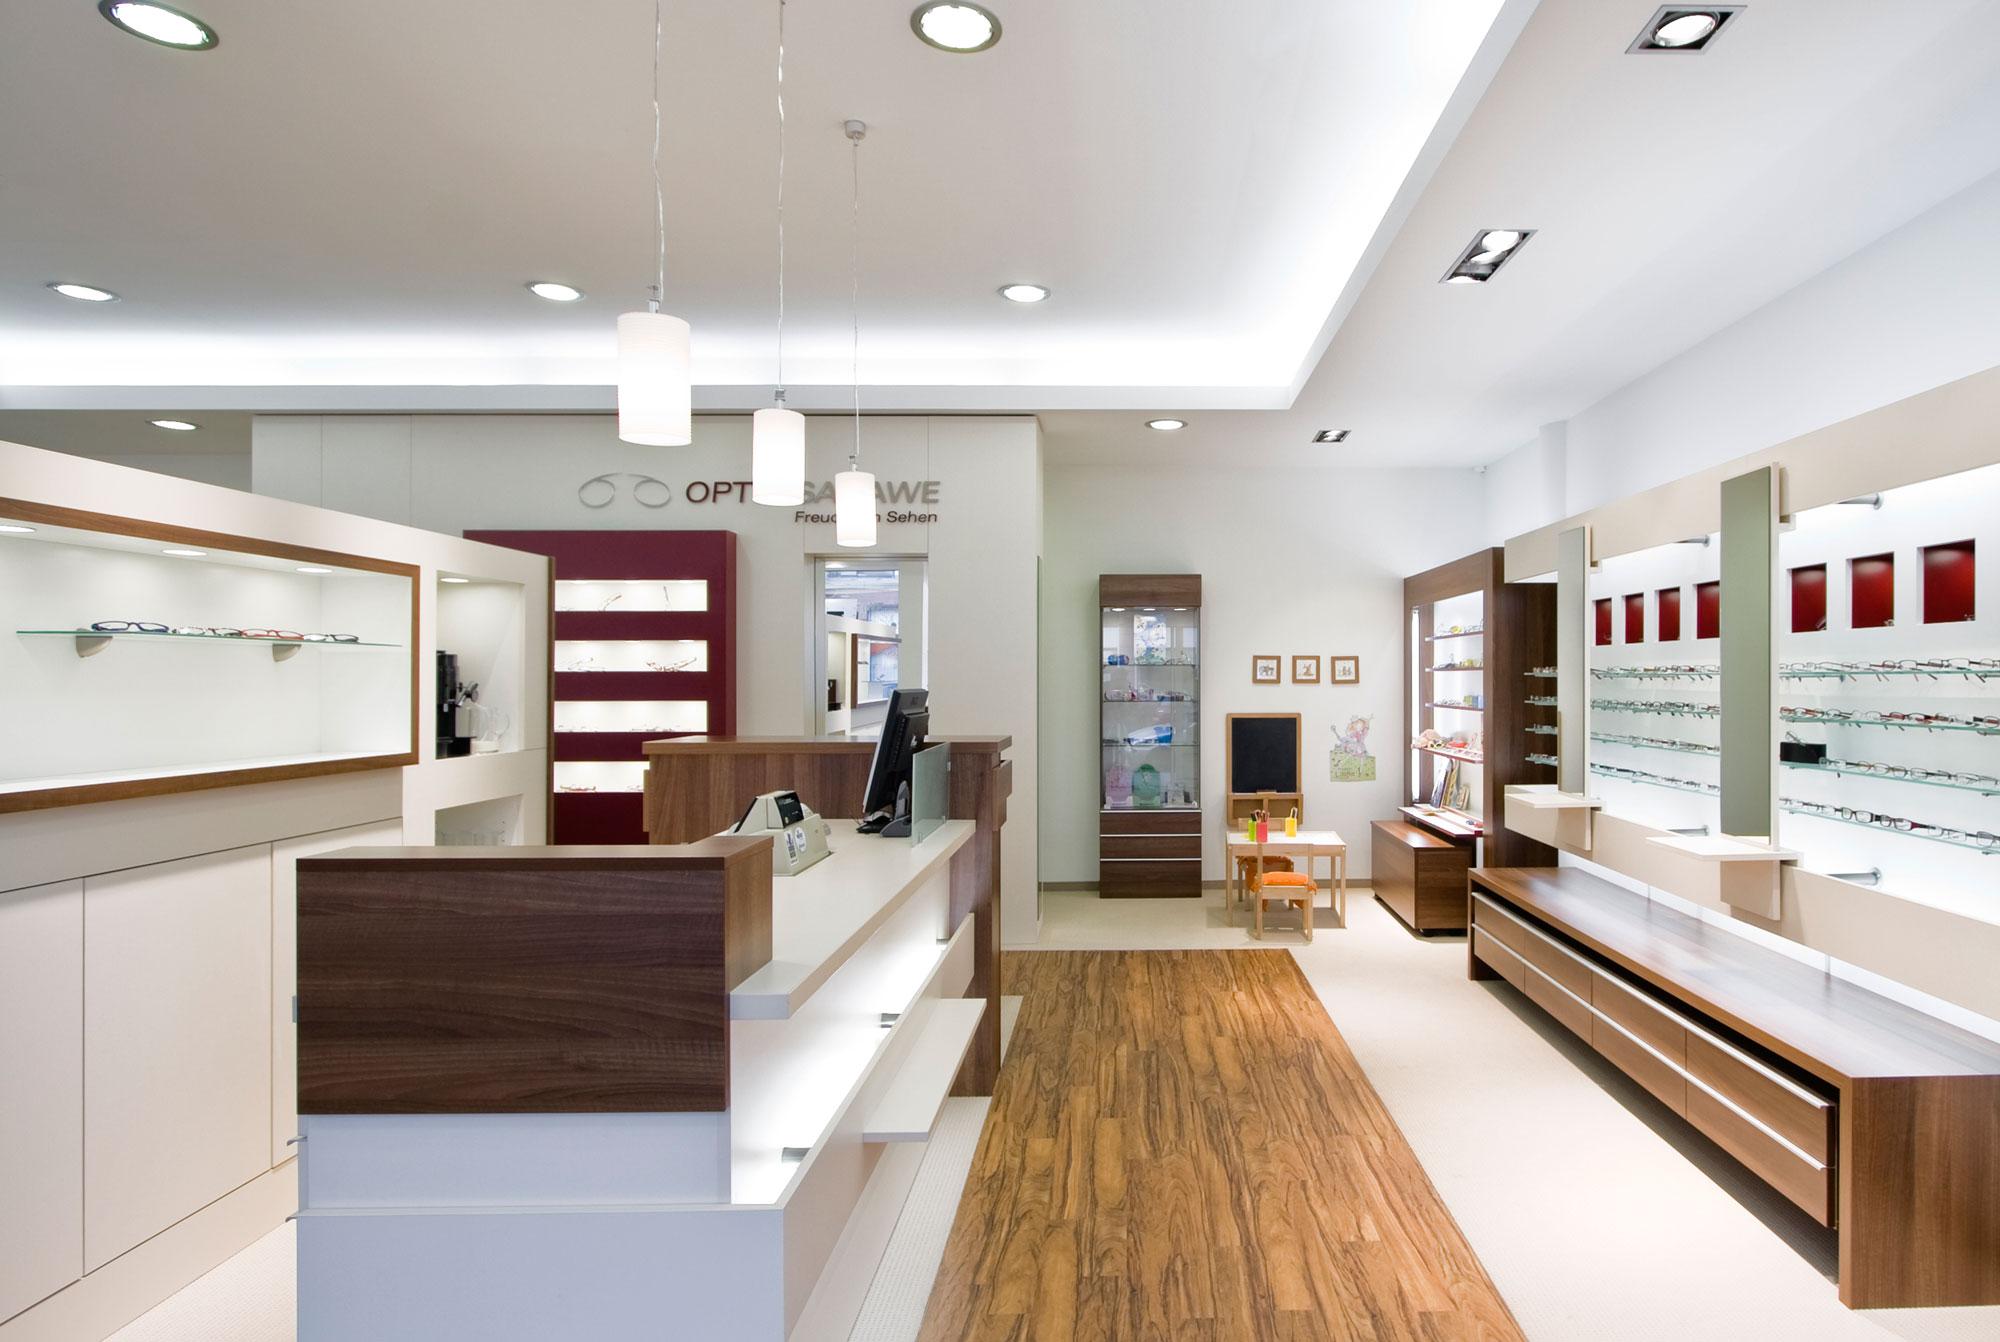 Unsere Geschäft in Reutershagen finden Sie in der Ernst-Thälmann-Strasse 5